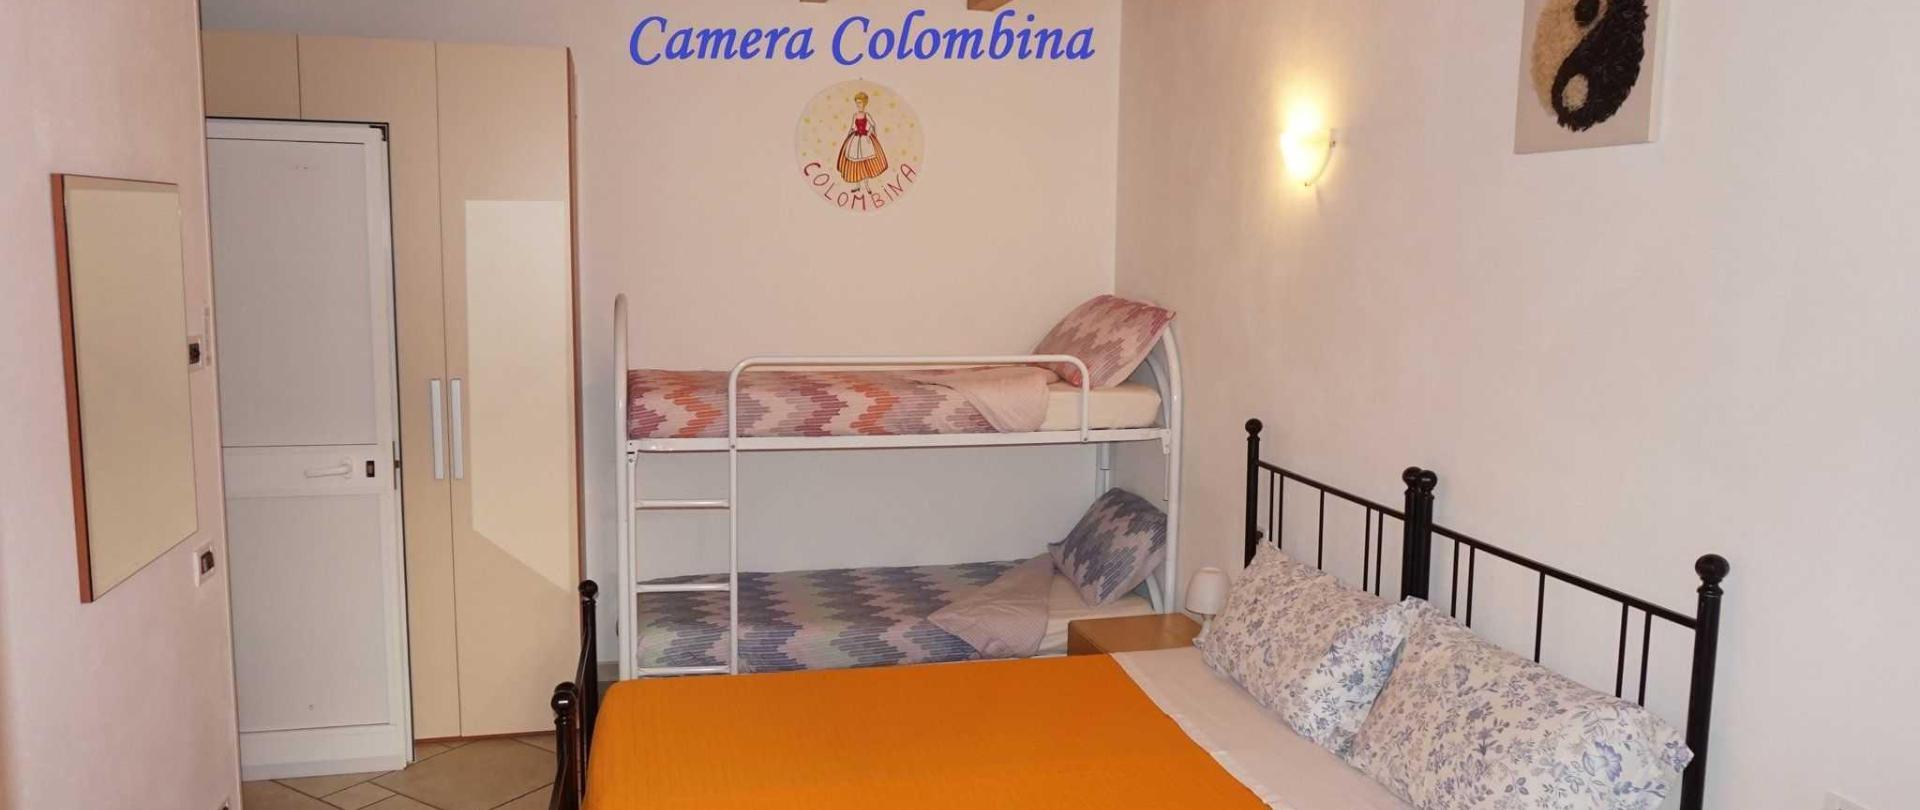 camera-colombina-2.JPG